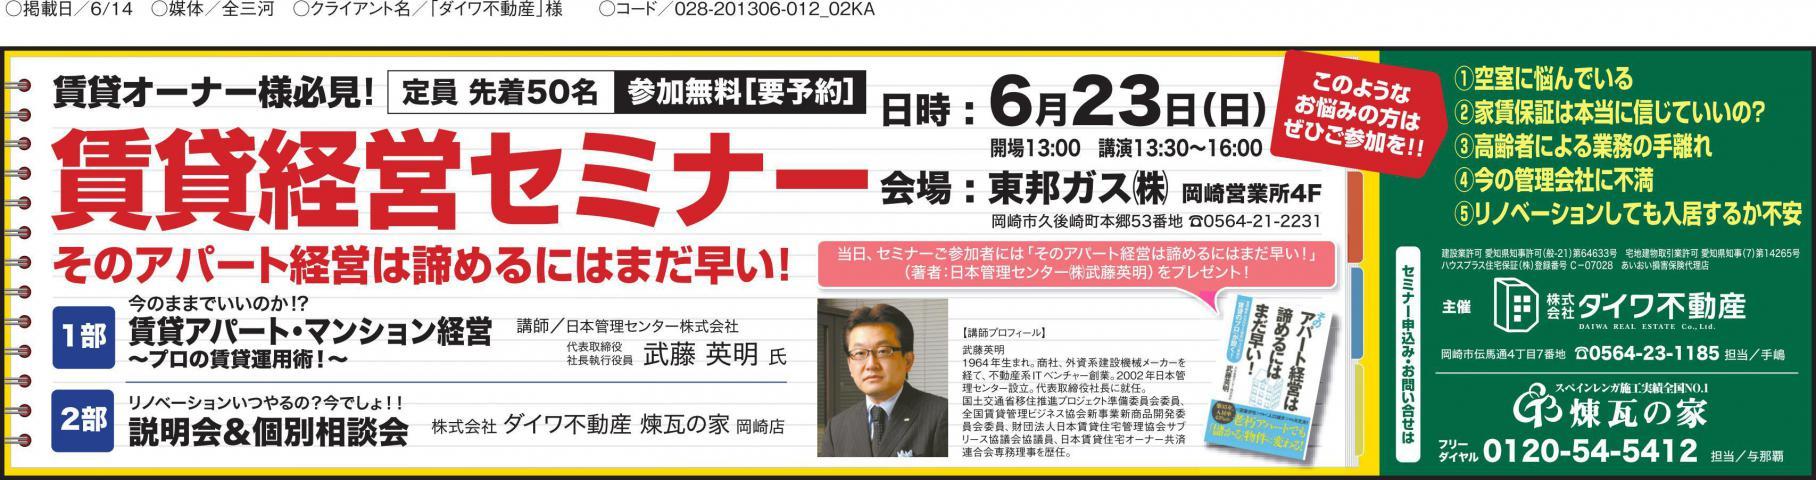 6/23(日)開催決定!賃貸…